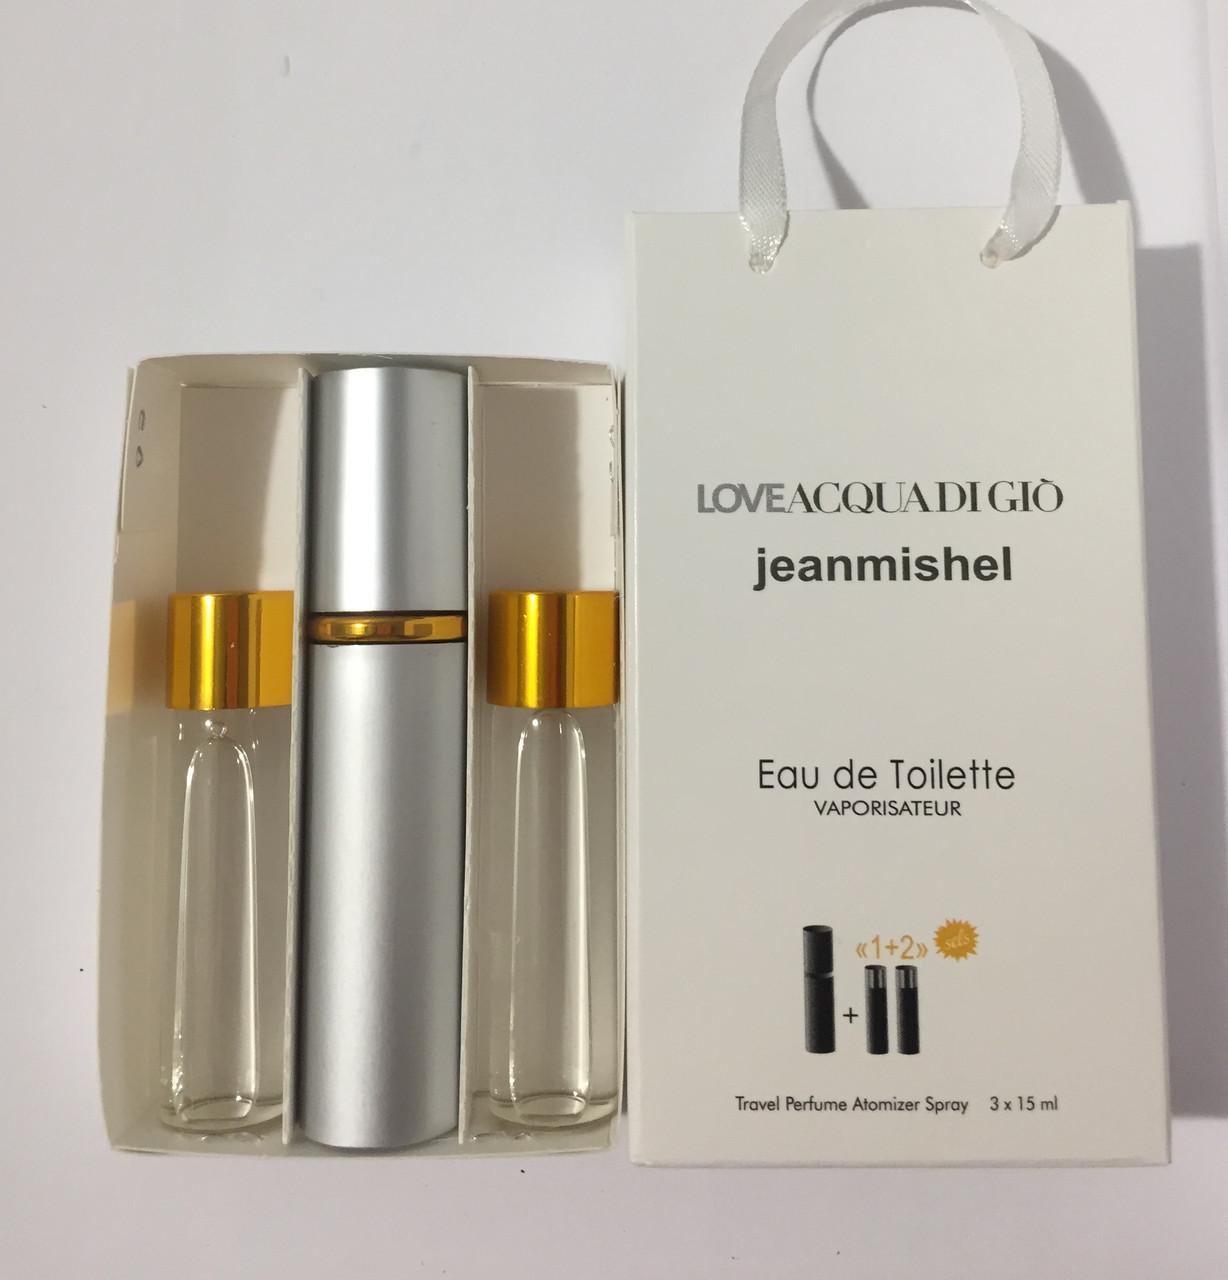 Мини парфюм в подарочной упаковке jeanmishel loveAcqua Di Gio 45мл